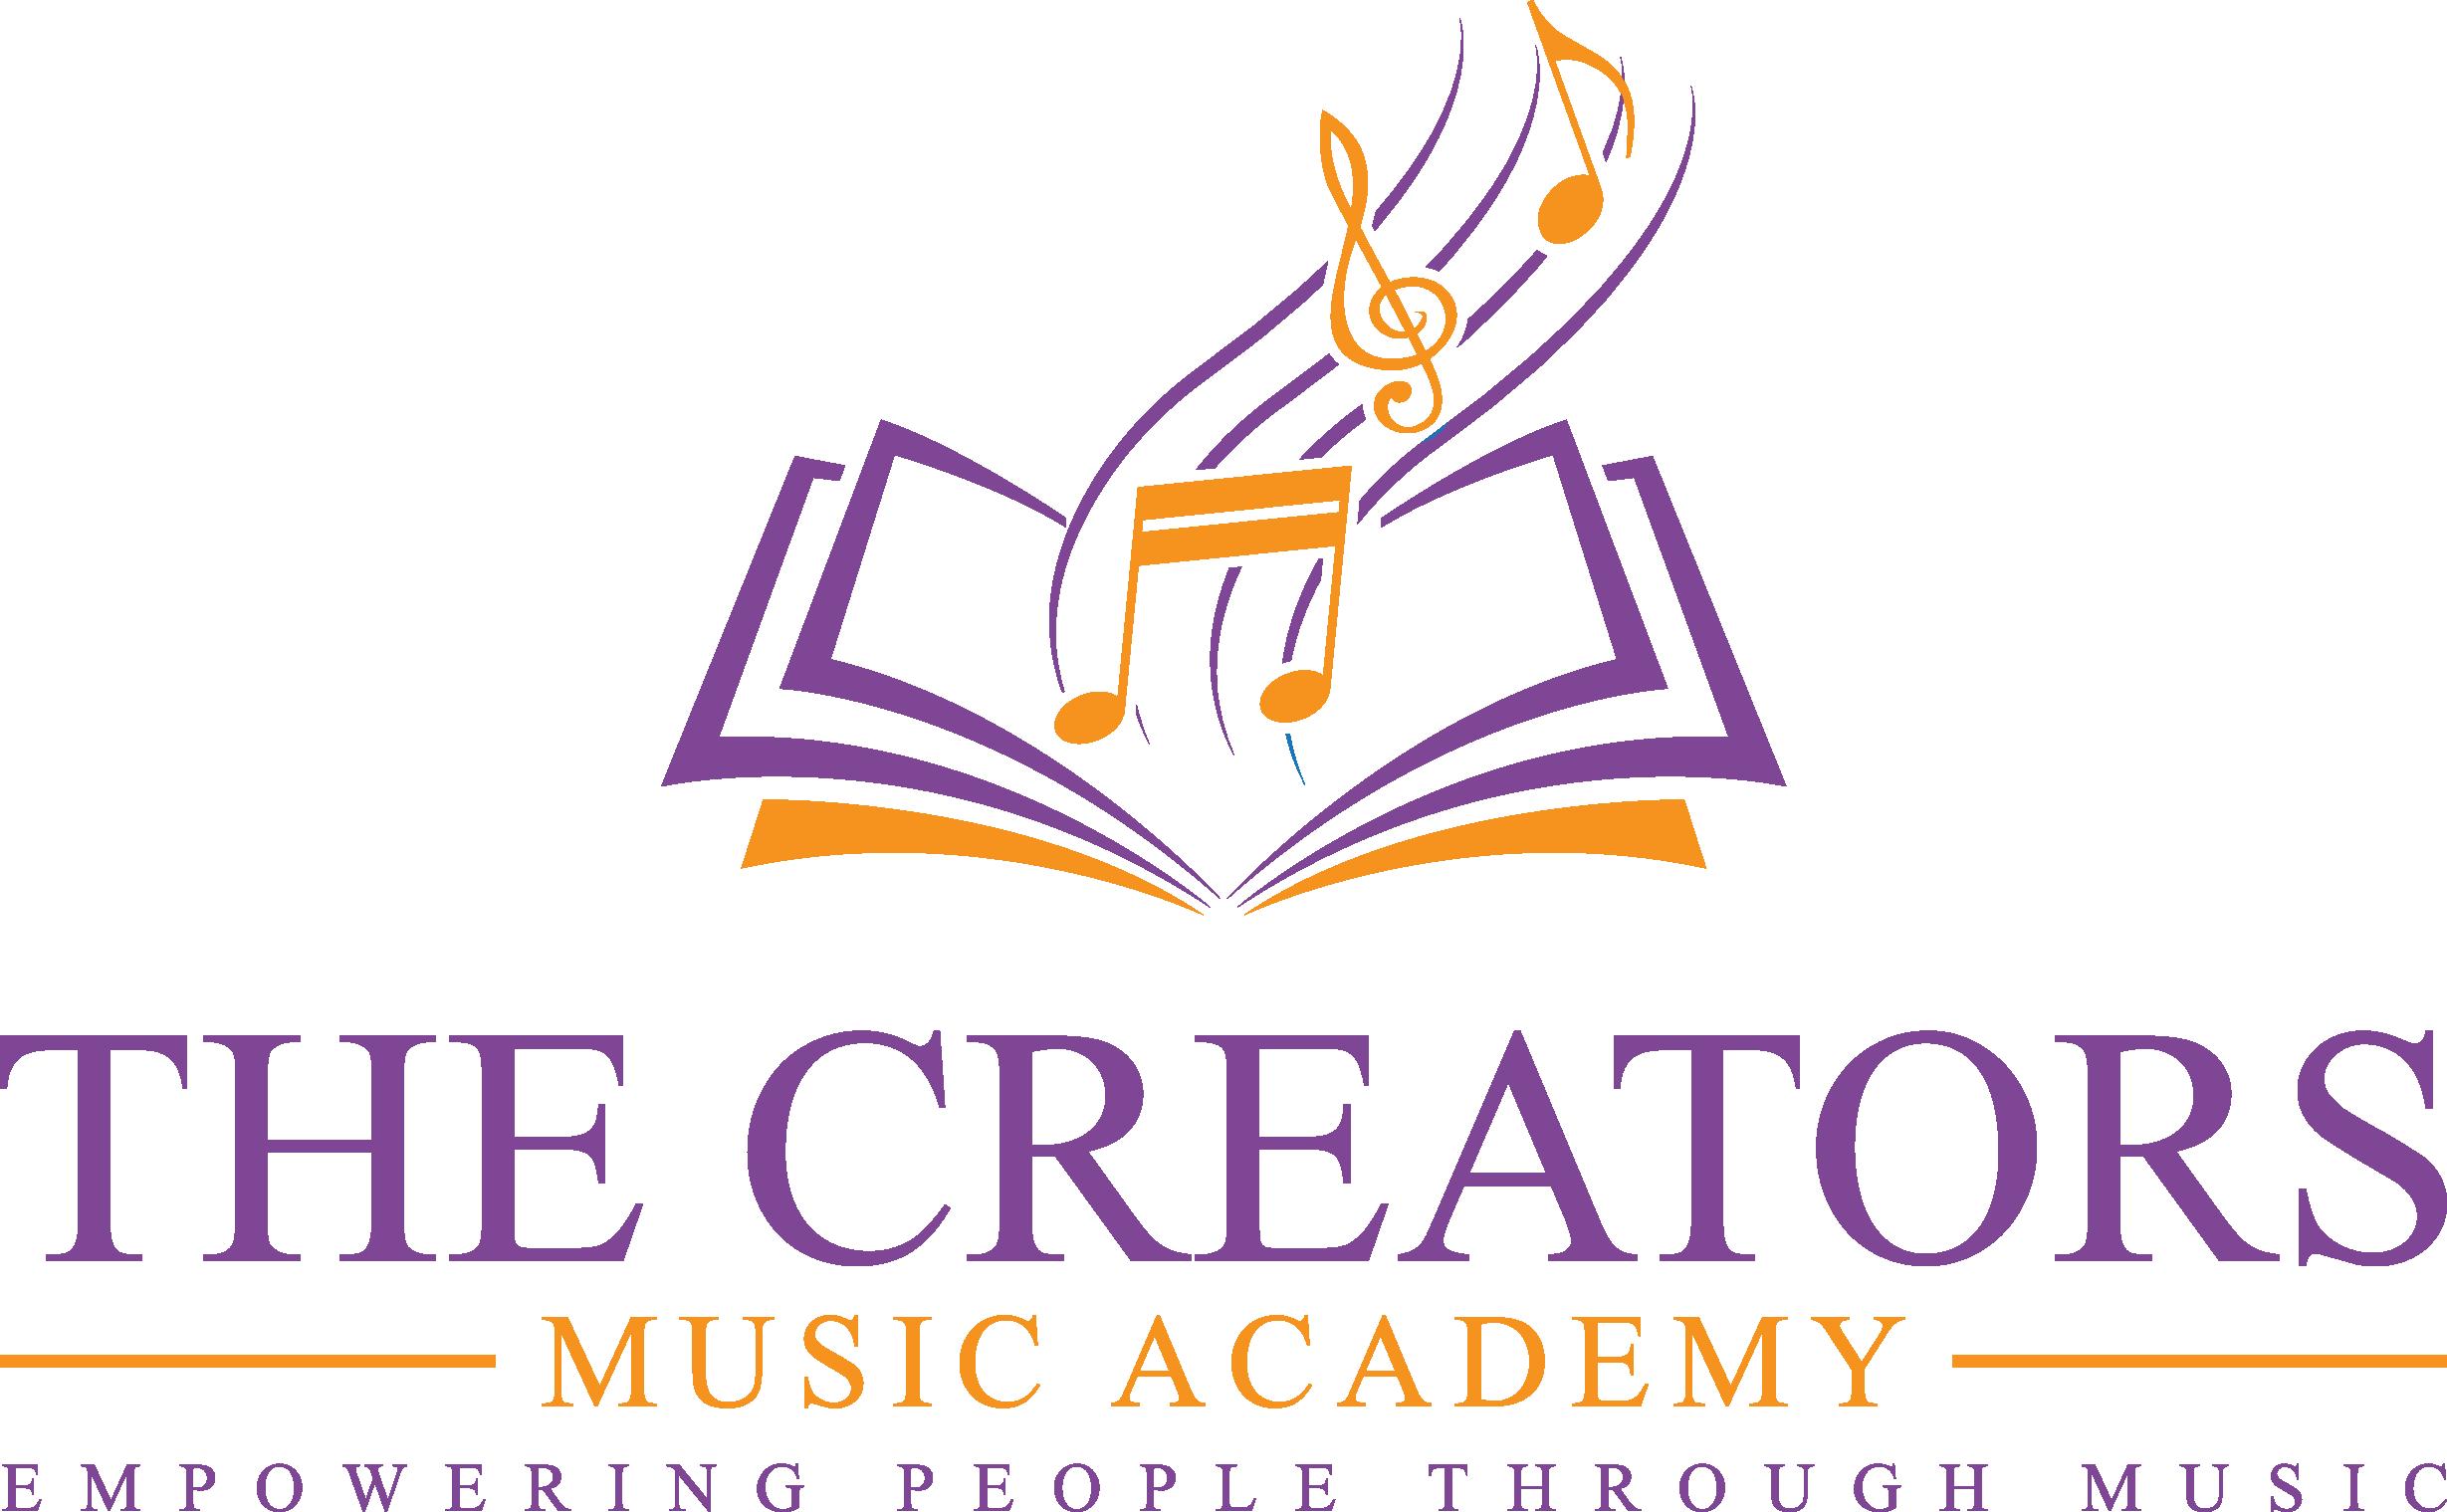 thecreatorsmusicacademy.com.au